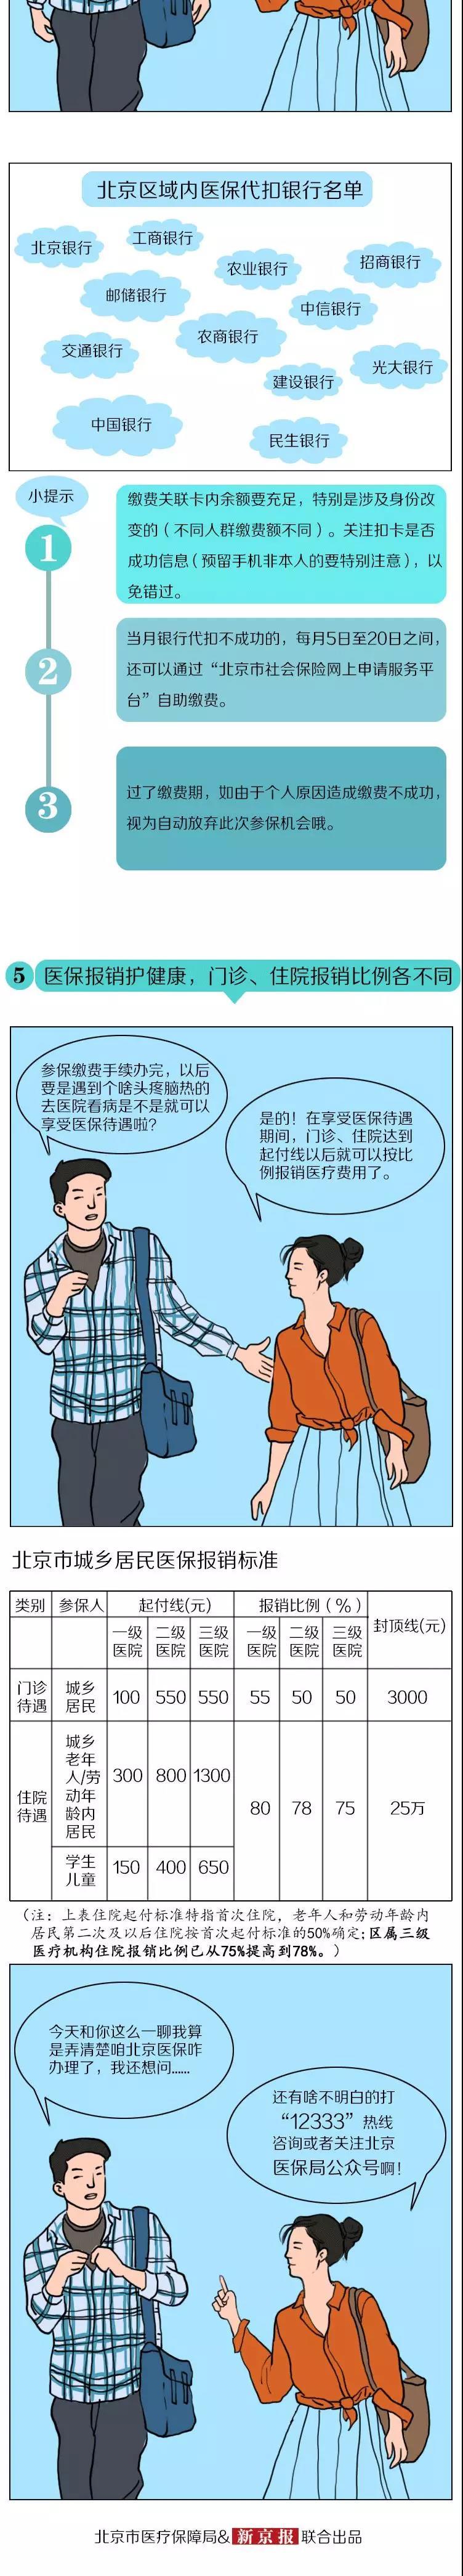 必威平台官方·A4腰有什么了不起?古典绘画大师才不买账!